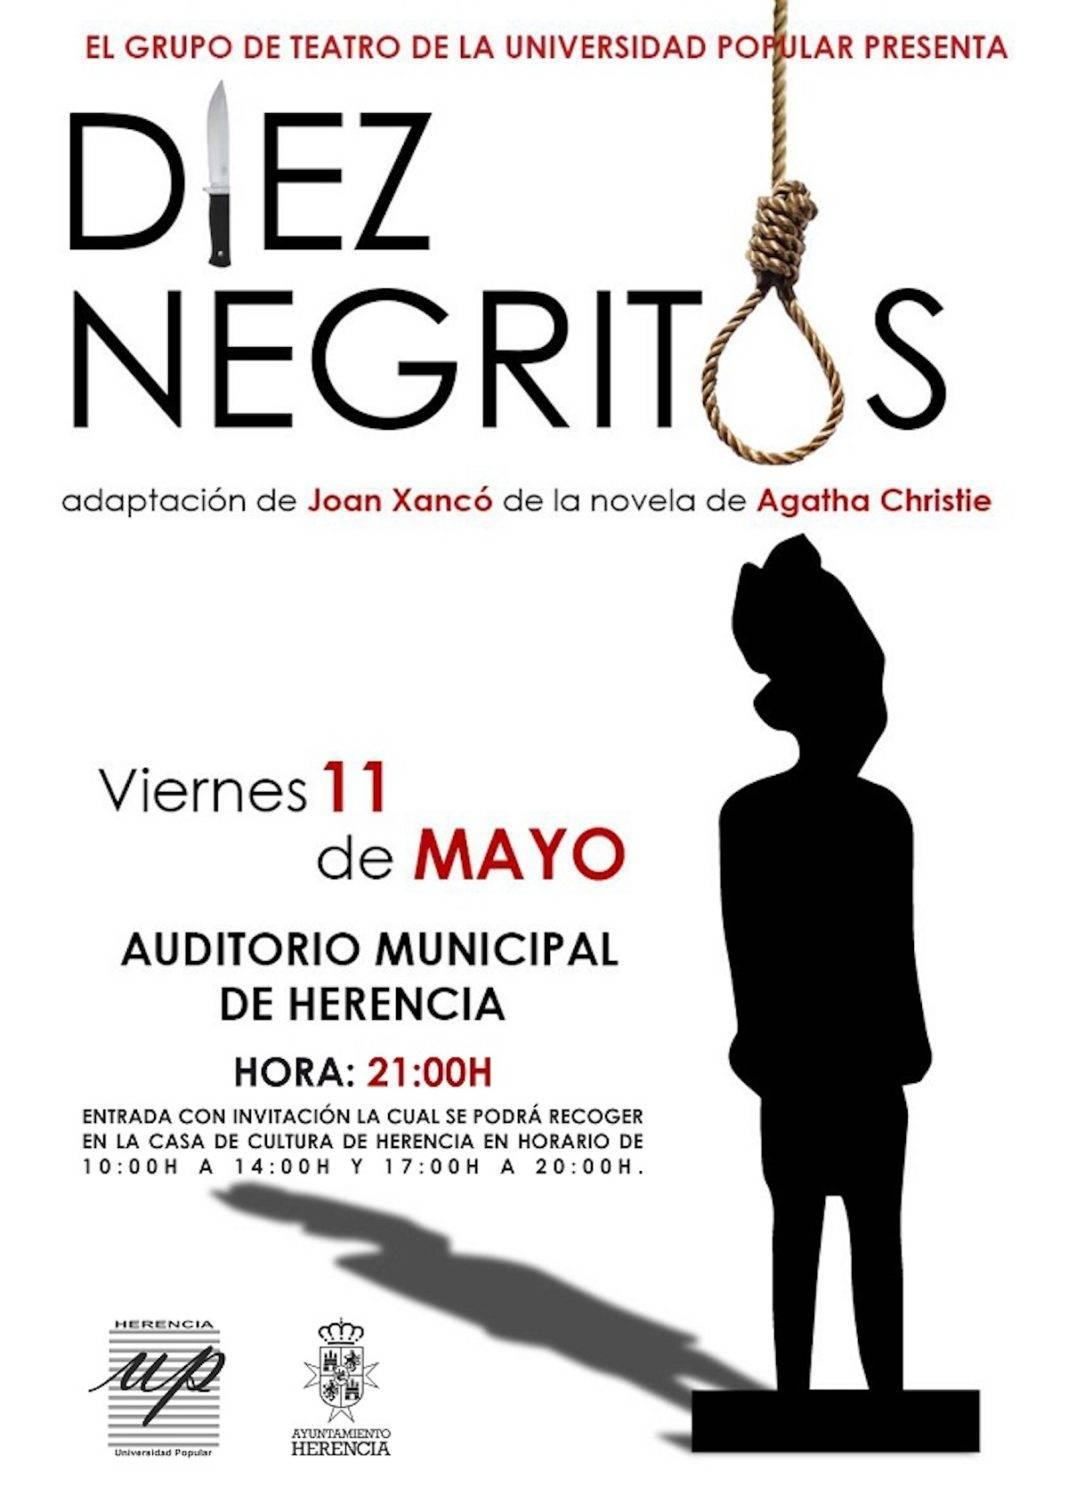 """obra teatro negritos herencia 1068x1511 - El taller de Teatro de la Universidad Popular representa la obra """"Diez Negritos"""" en el Auditorio Municipal"""